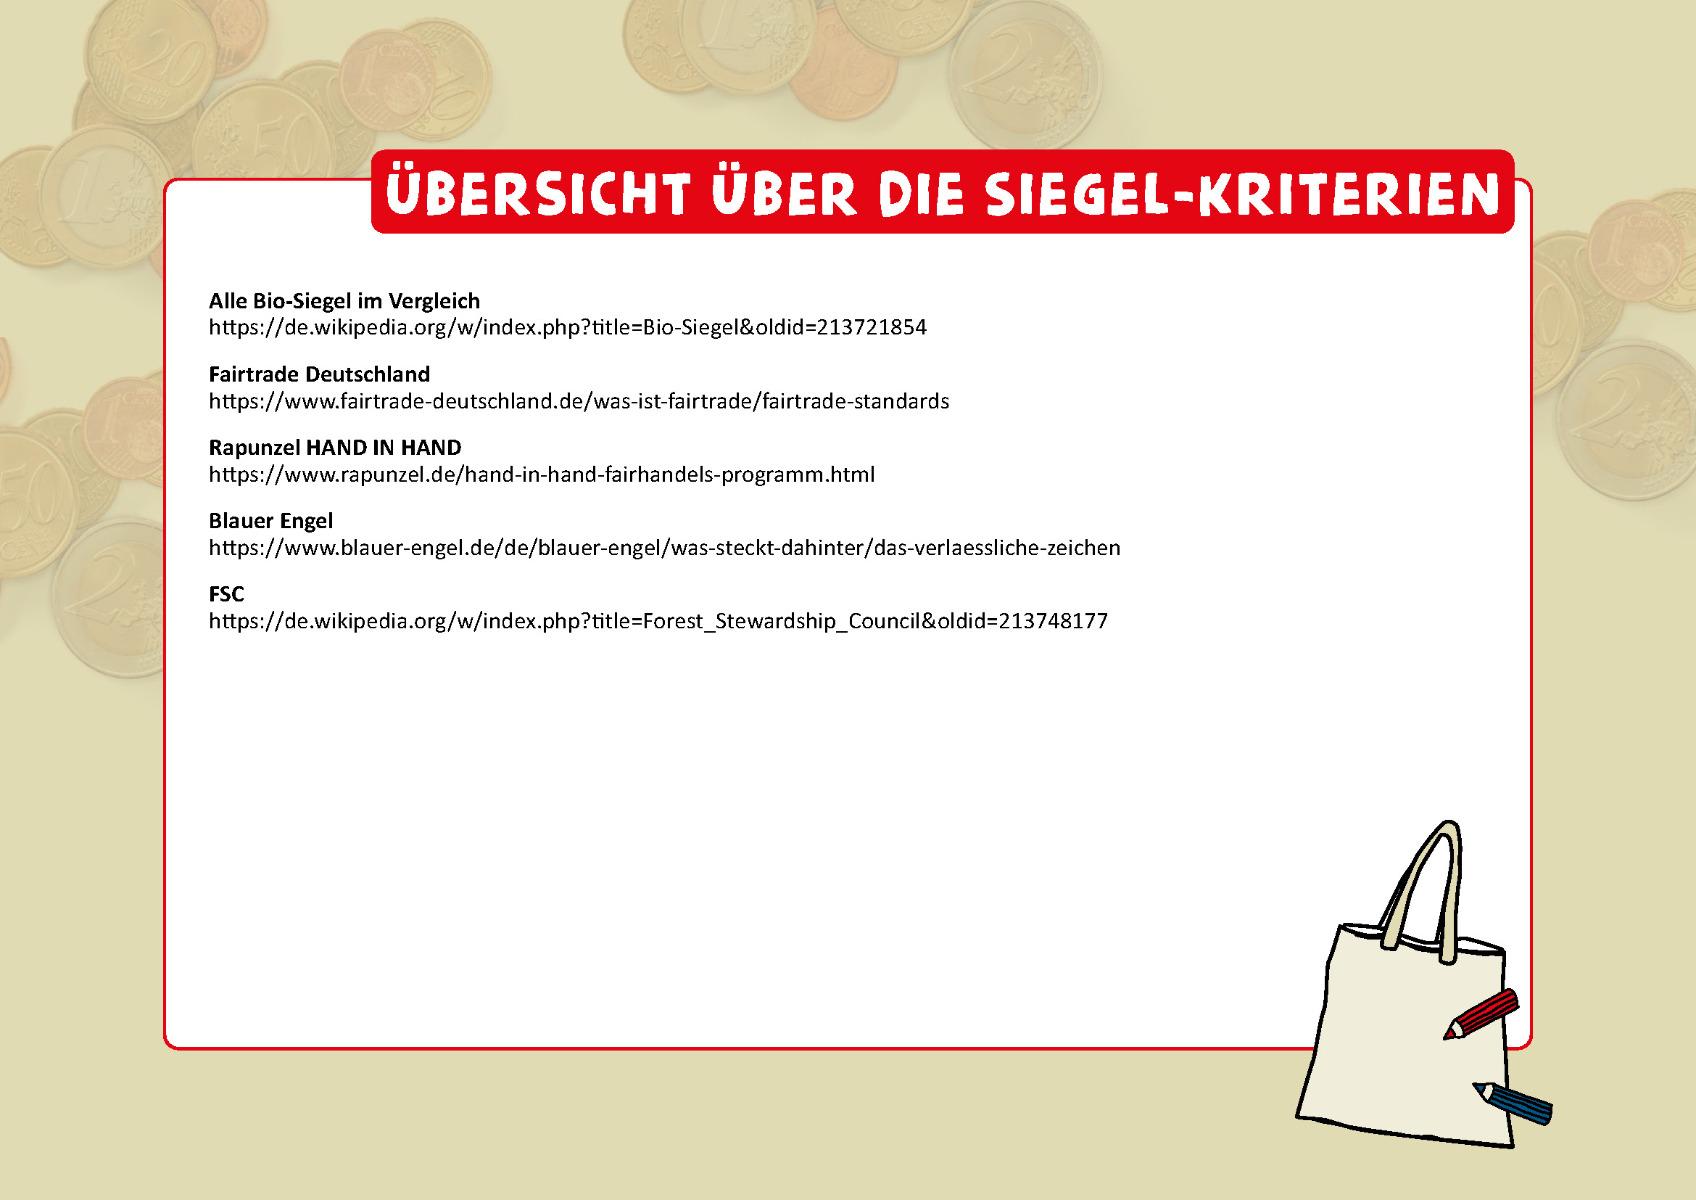 Uebersicht_Siegel